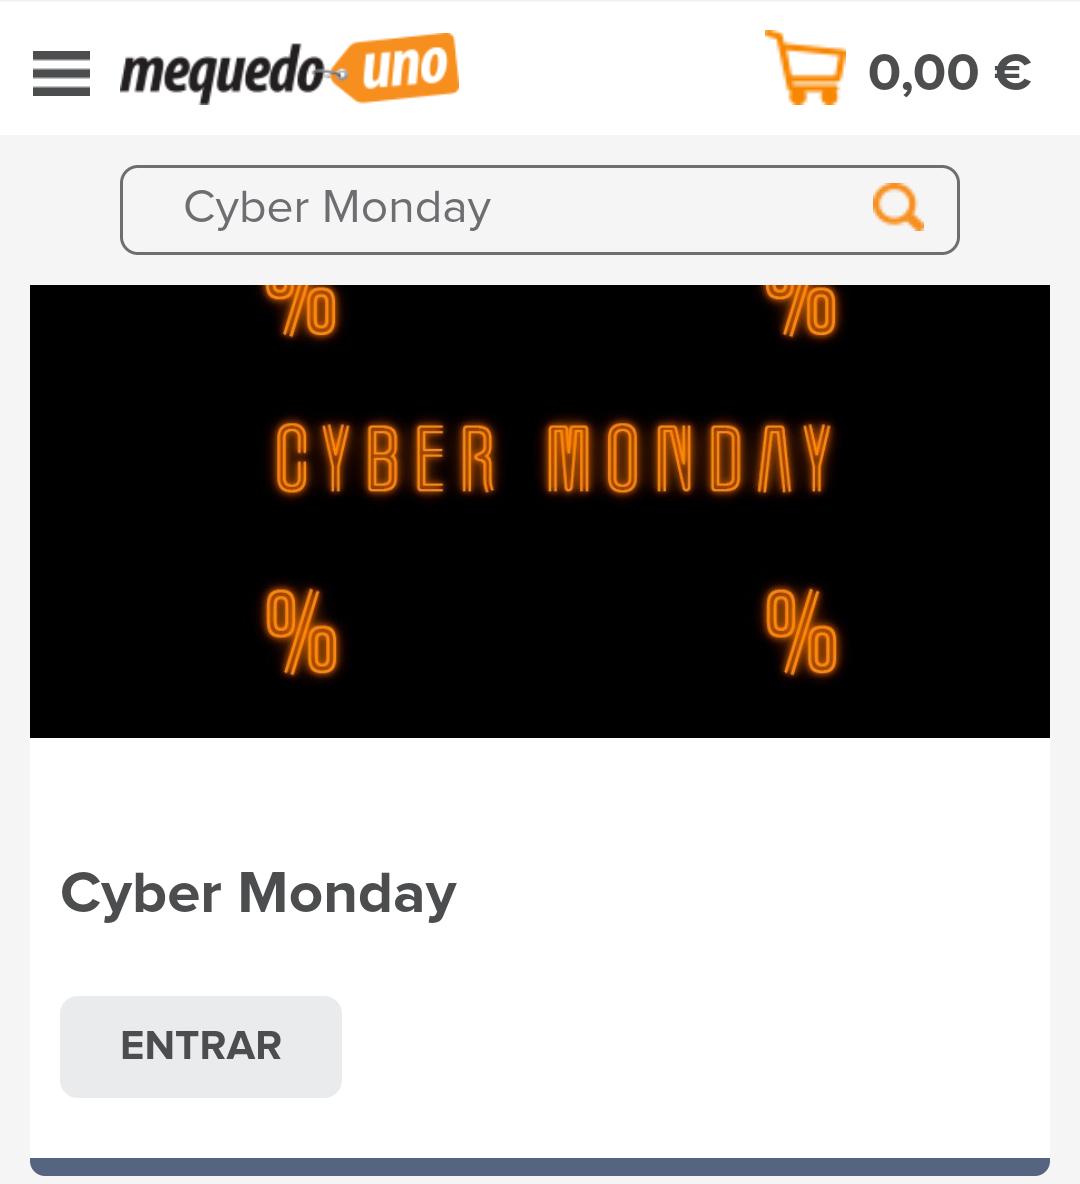 Cyber Monday en Mequedouno